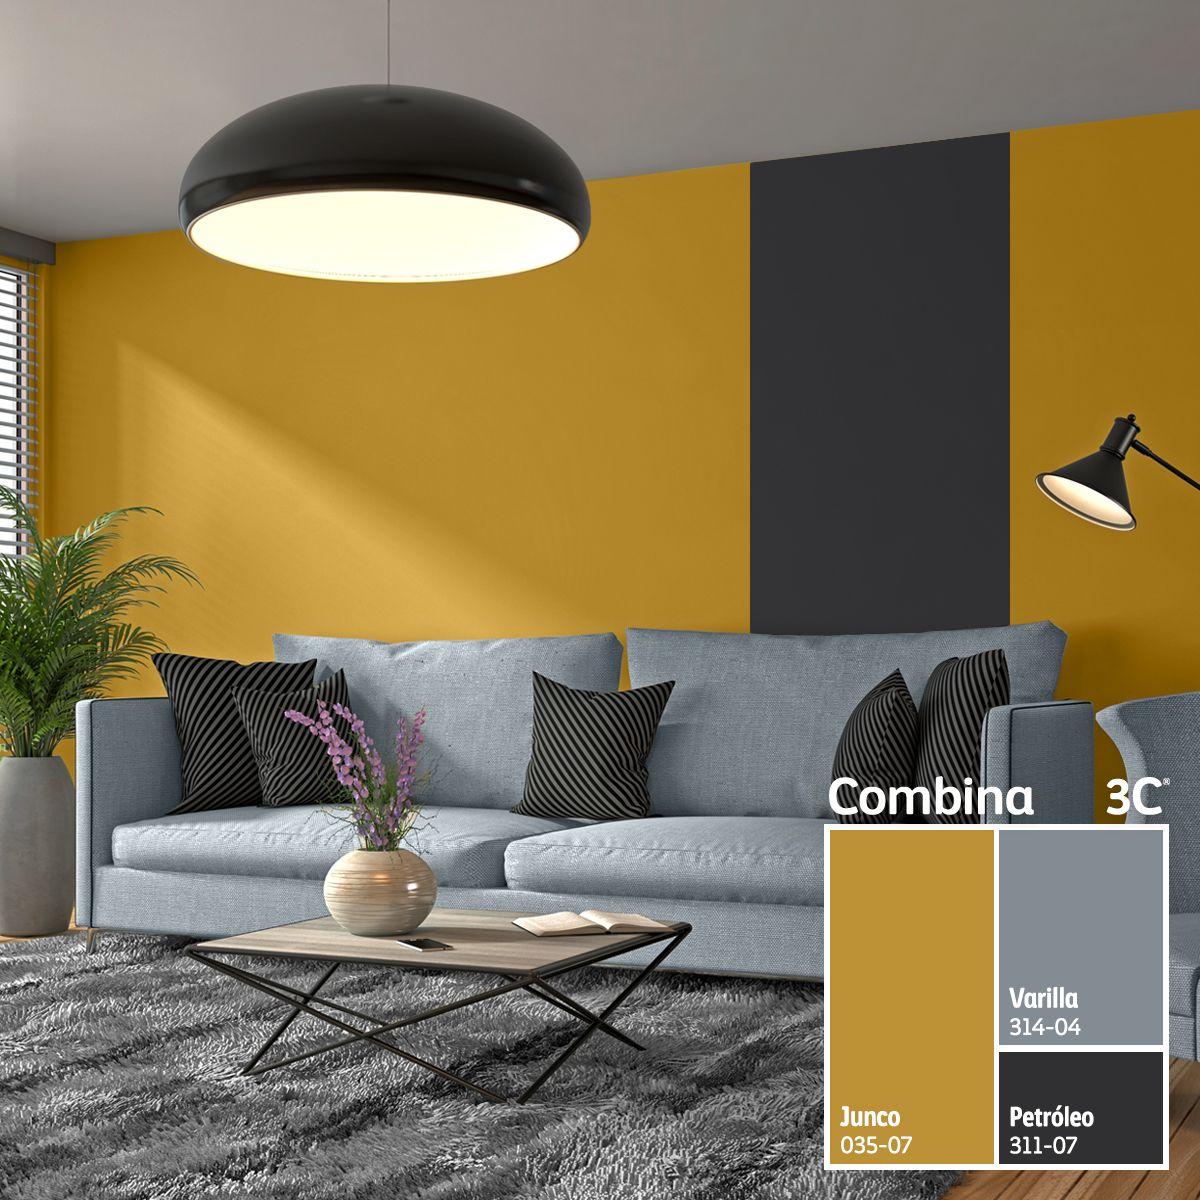 Junco Nuestro Color Del Mes Es Ideal Para Darle Un Look Moderno A Tus Espacios Colores De Casas Interiores Decoracion De Interiores Pintura Interiores De Casa